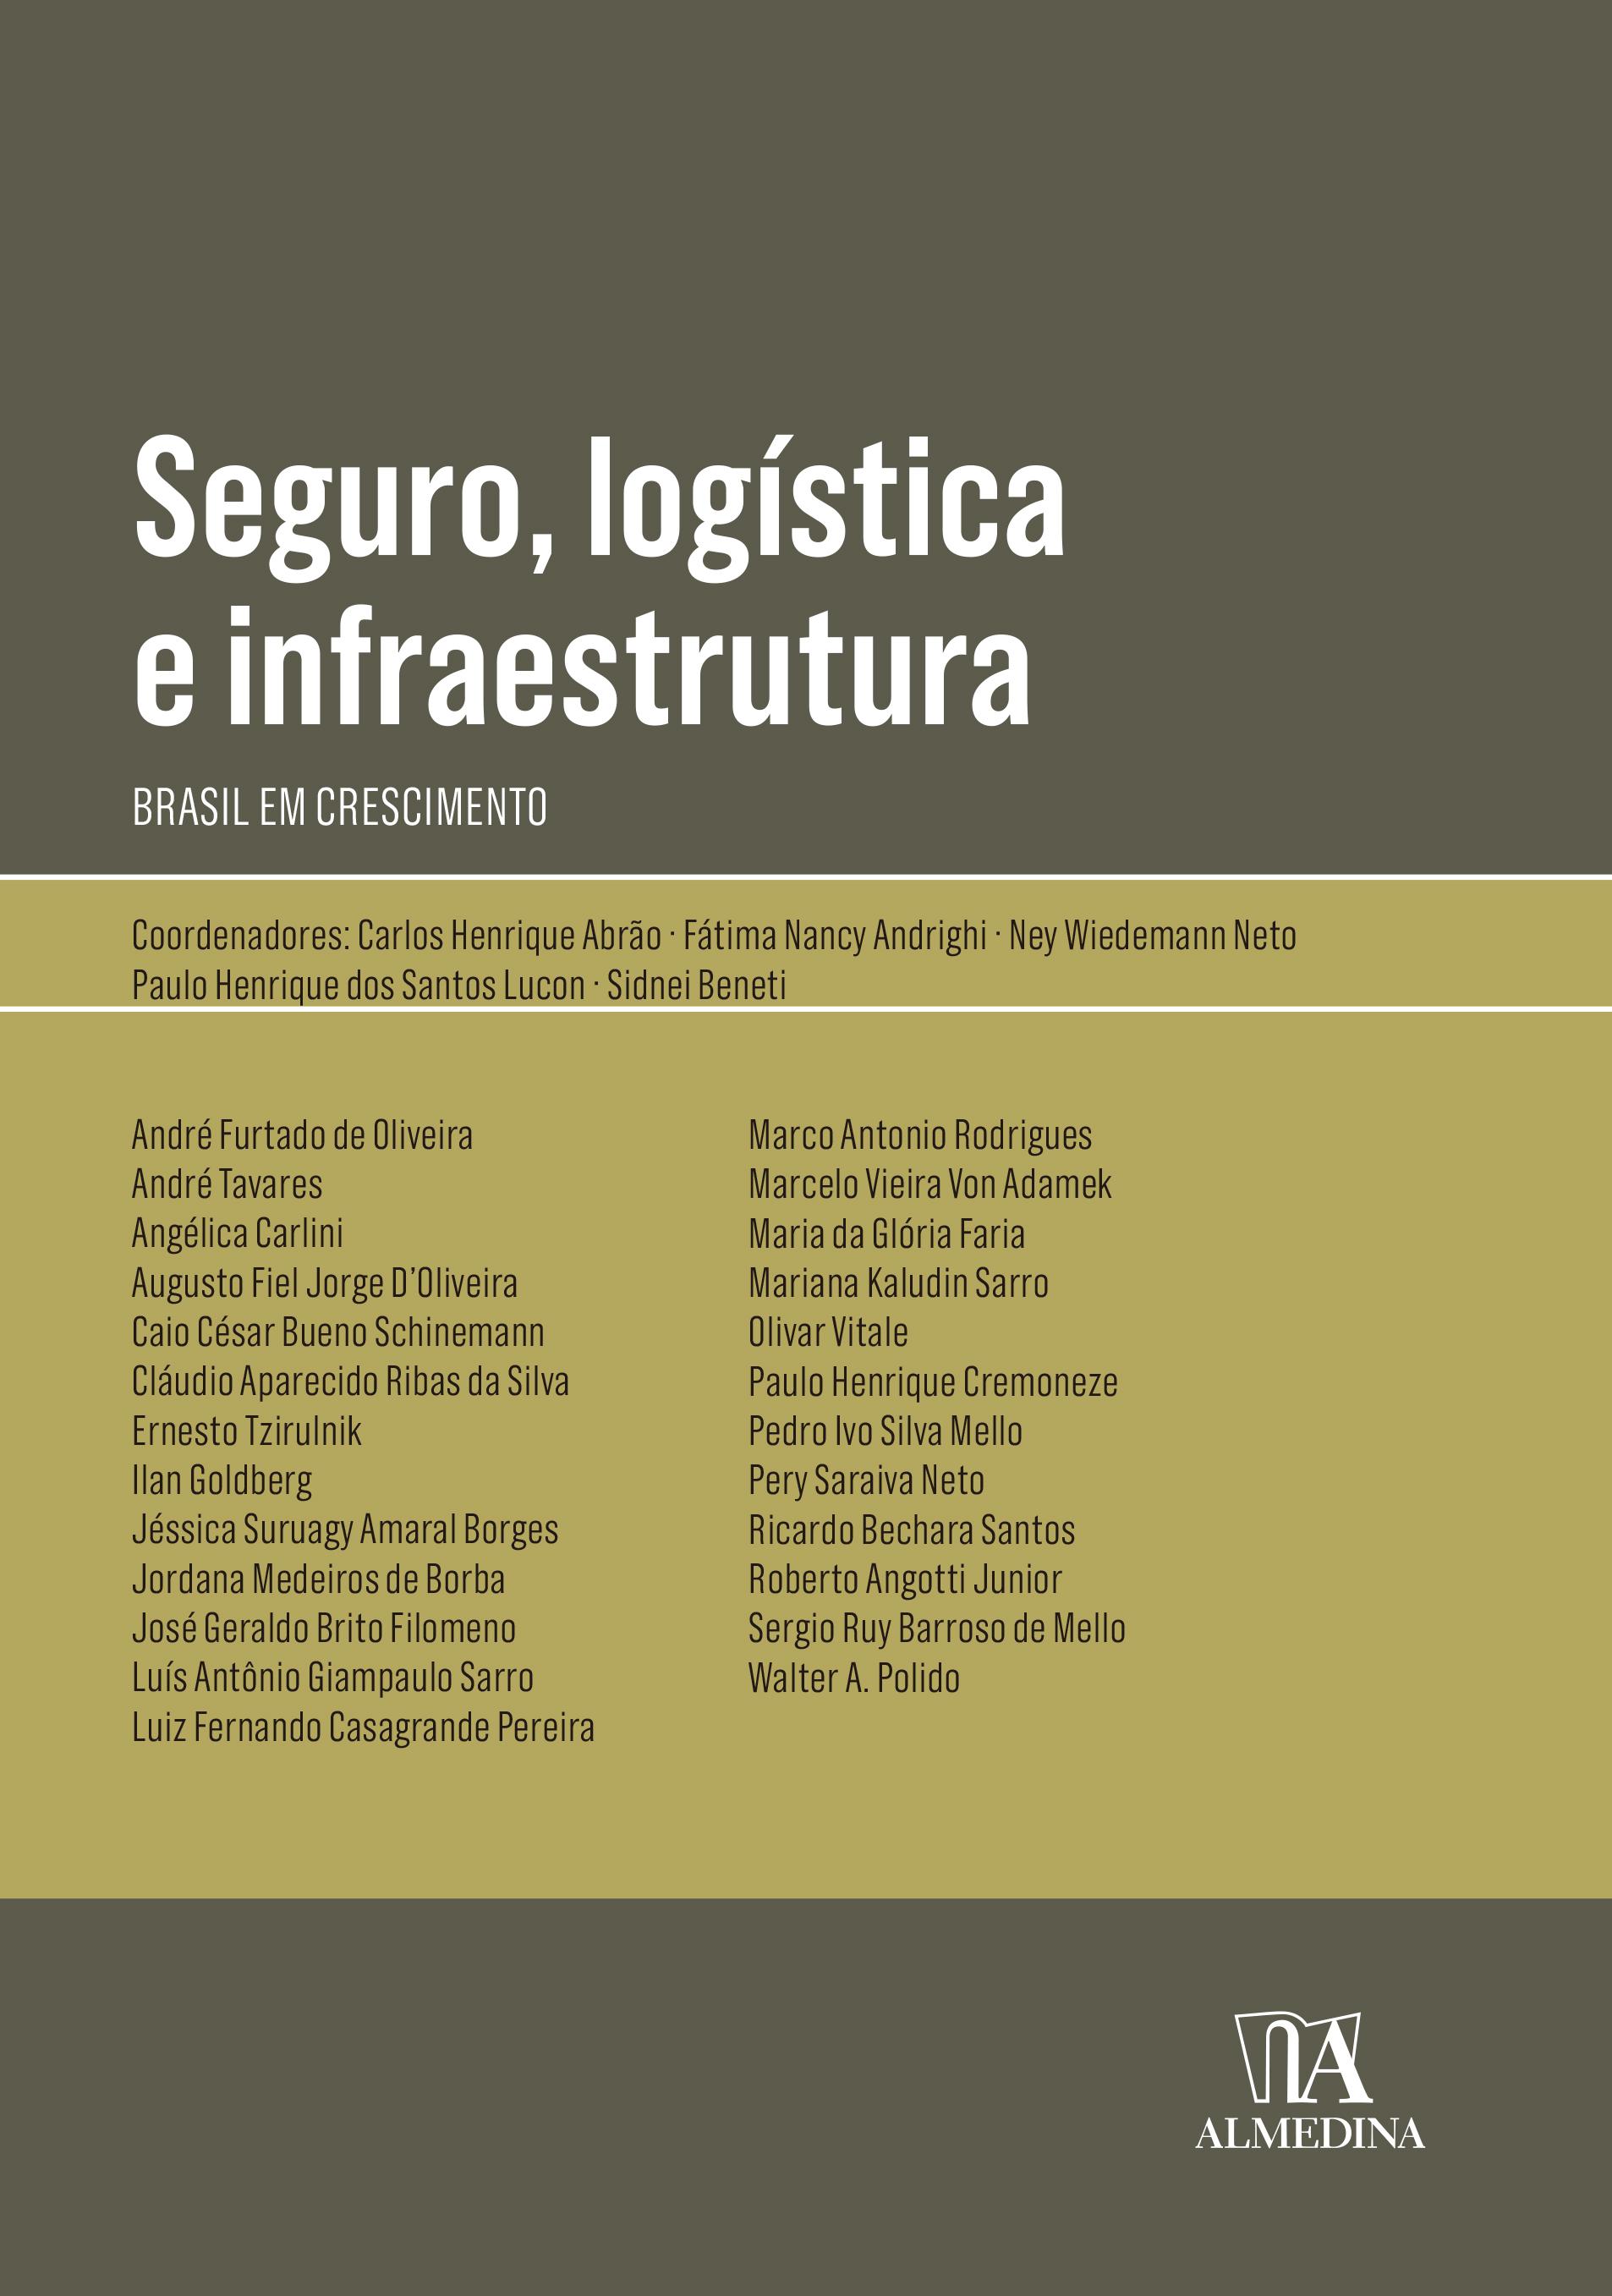 Seguro, Logística e Infraestrutura